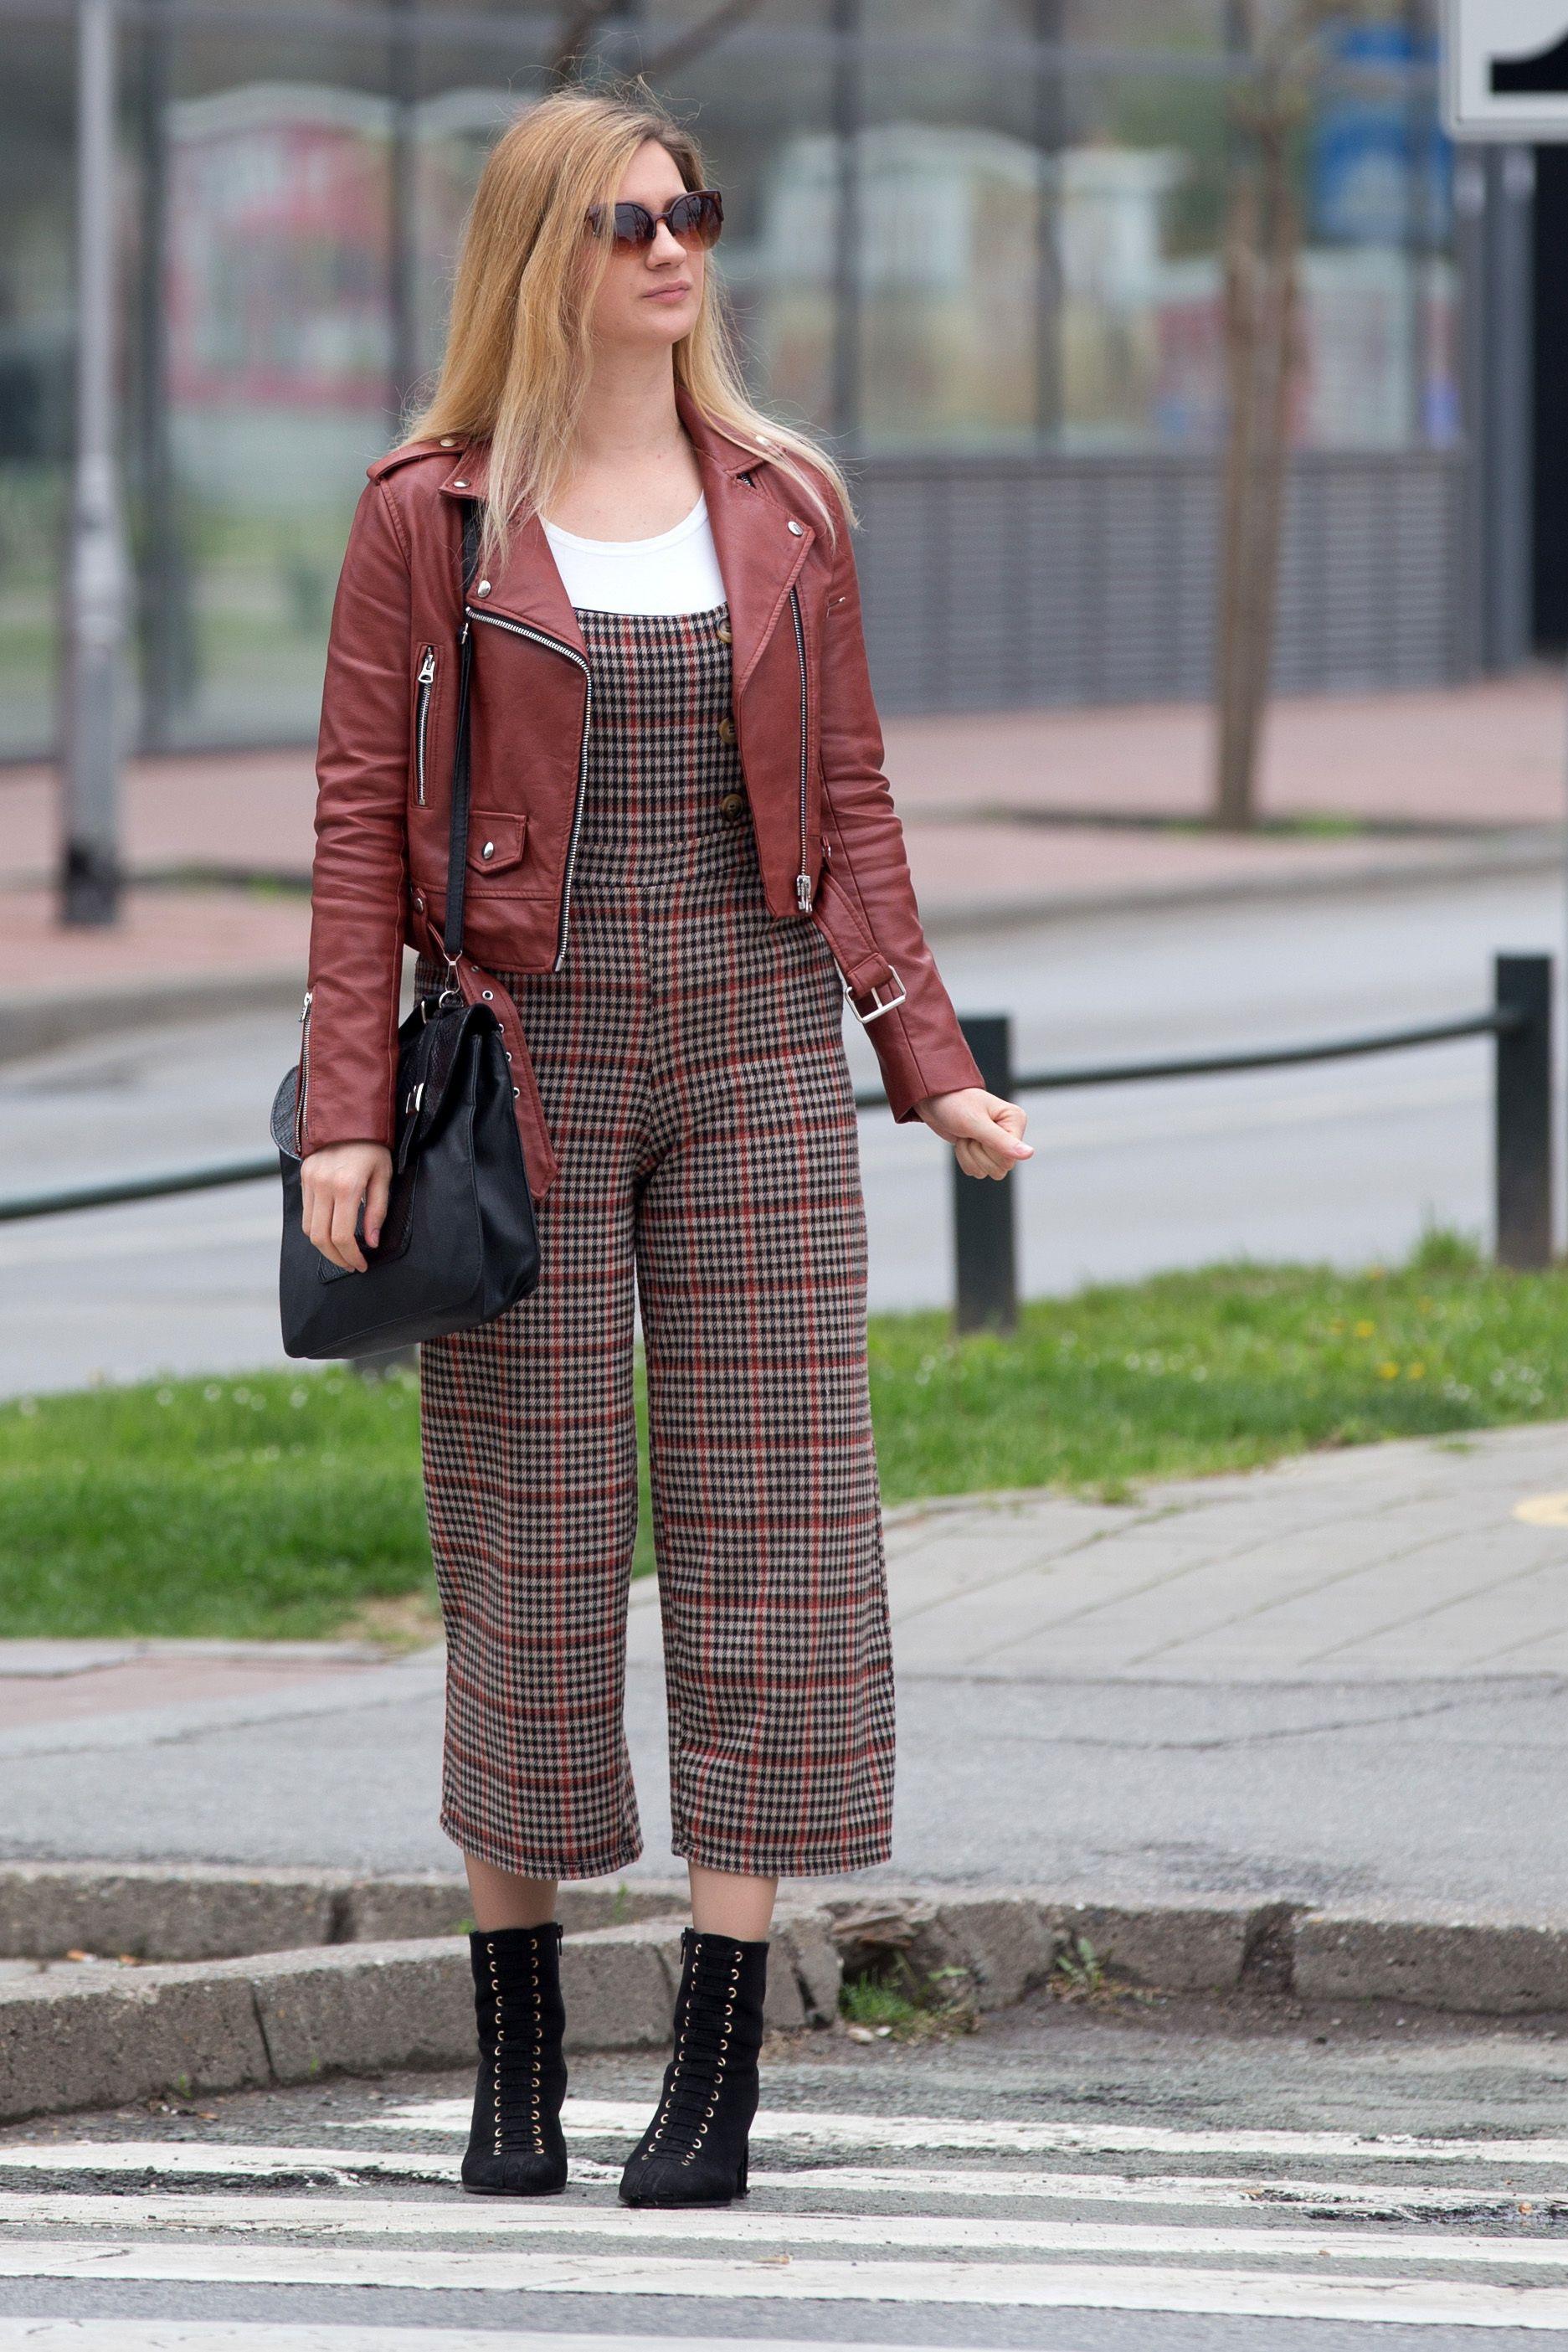 Uzorak koji vlada: Što kažete na karirani kombinezon kakav nosi ova djevojka?